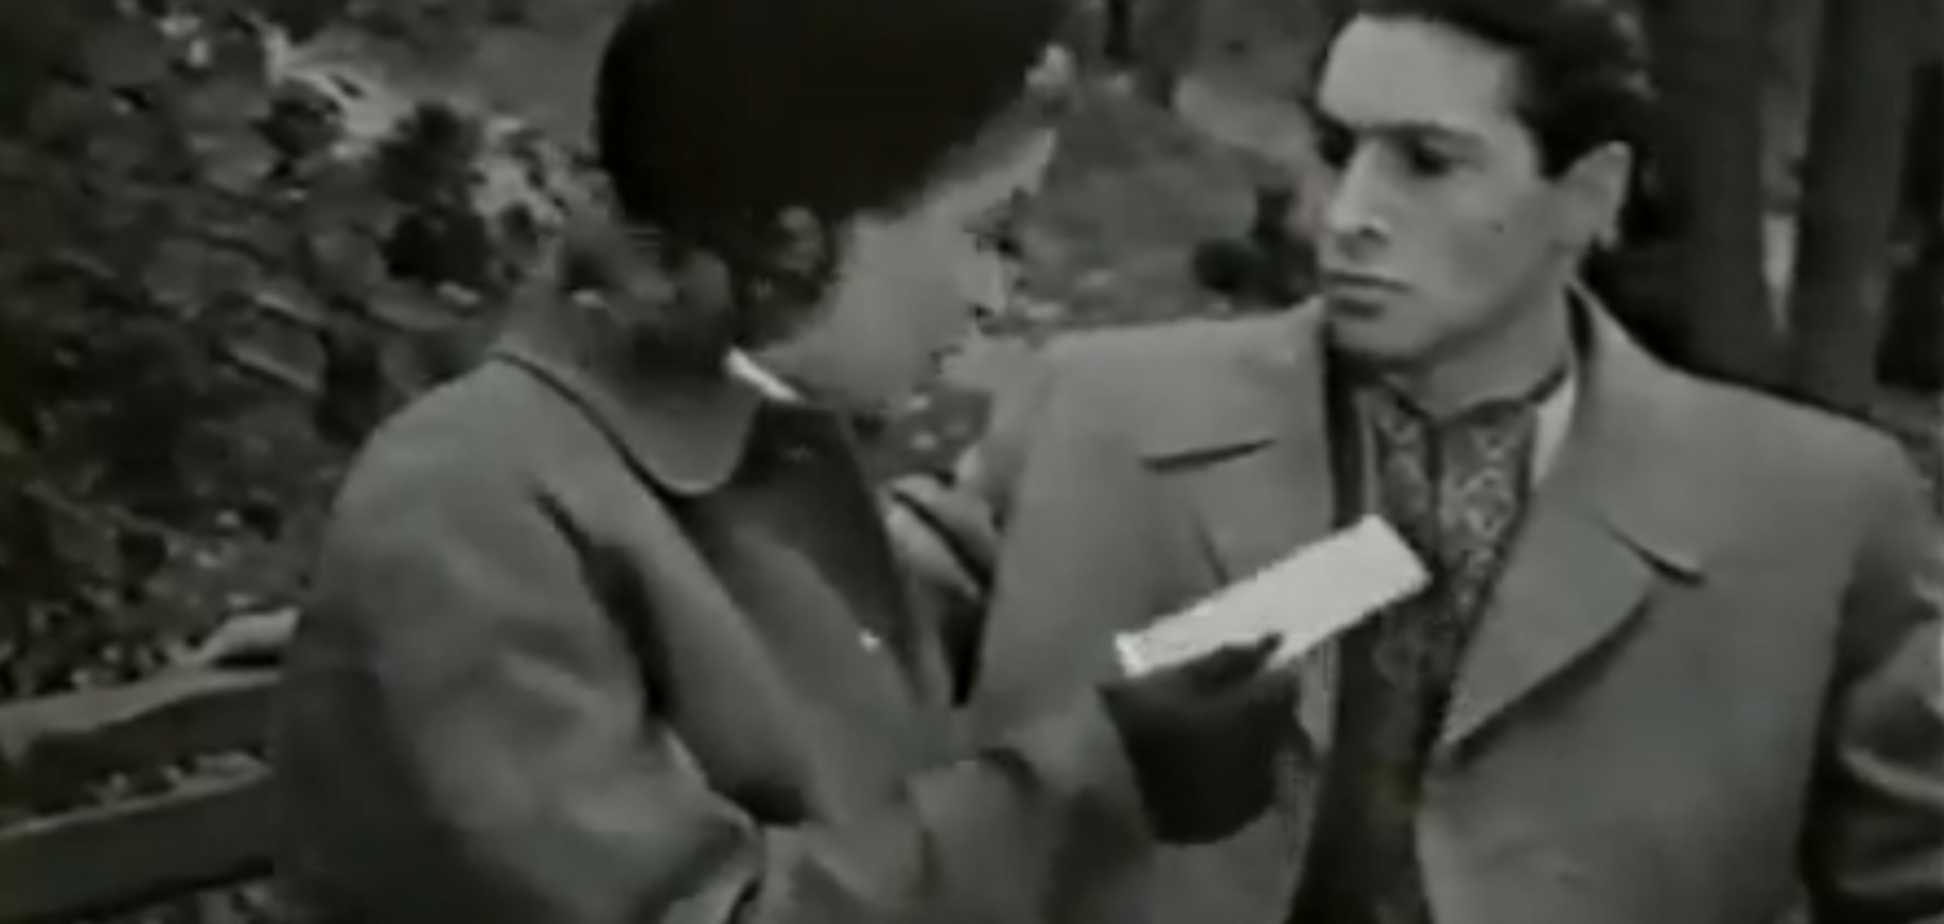 'Я о Бандере': сеть разозлило унижение Украины в советском кино